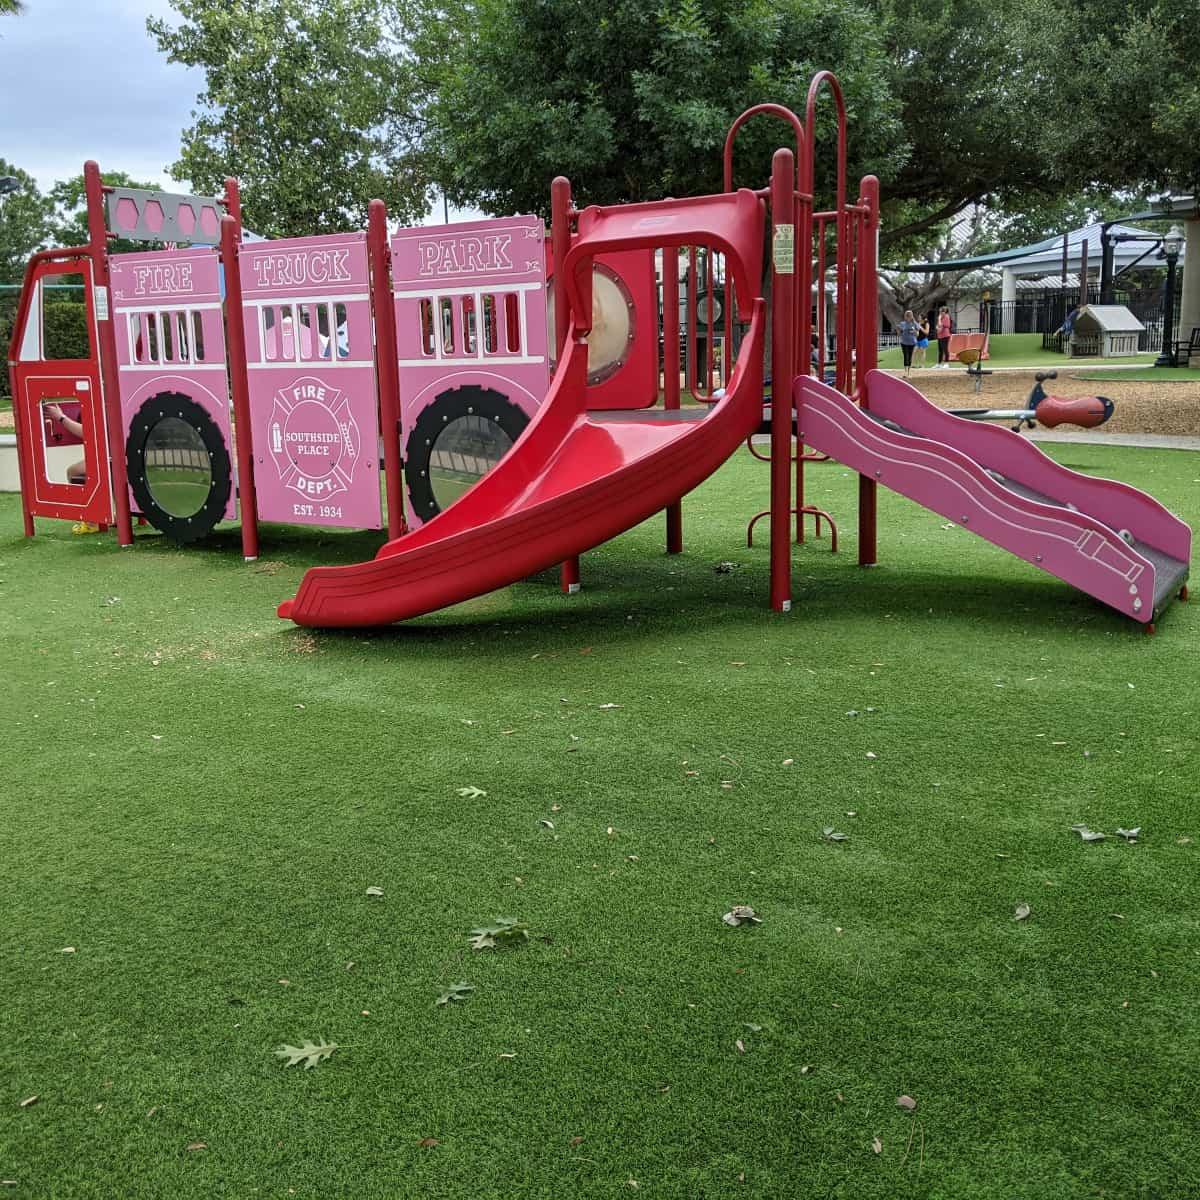 Fire Truck Park Fire Truck Play Structure